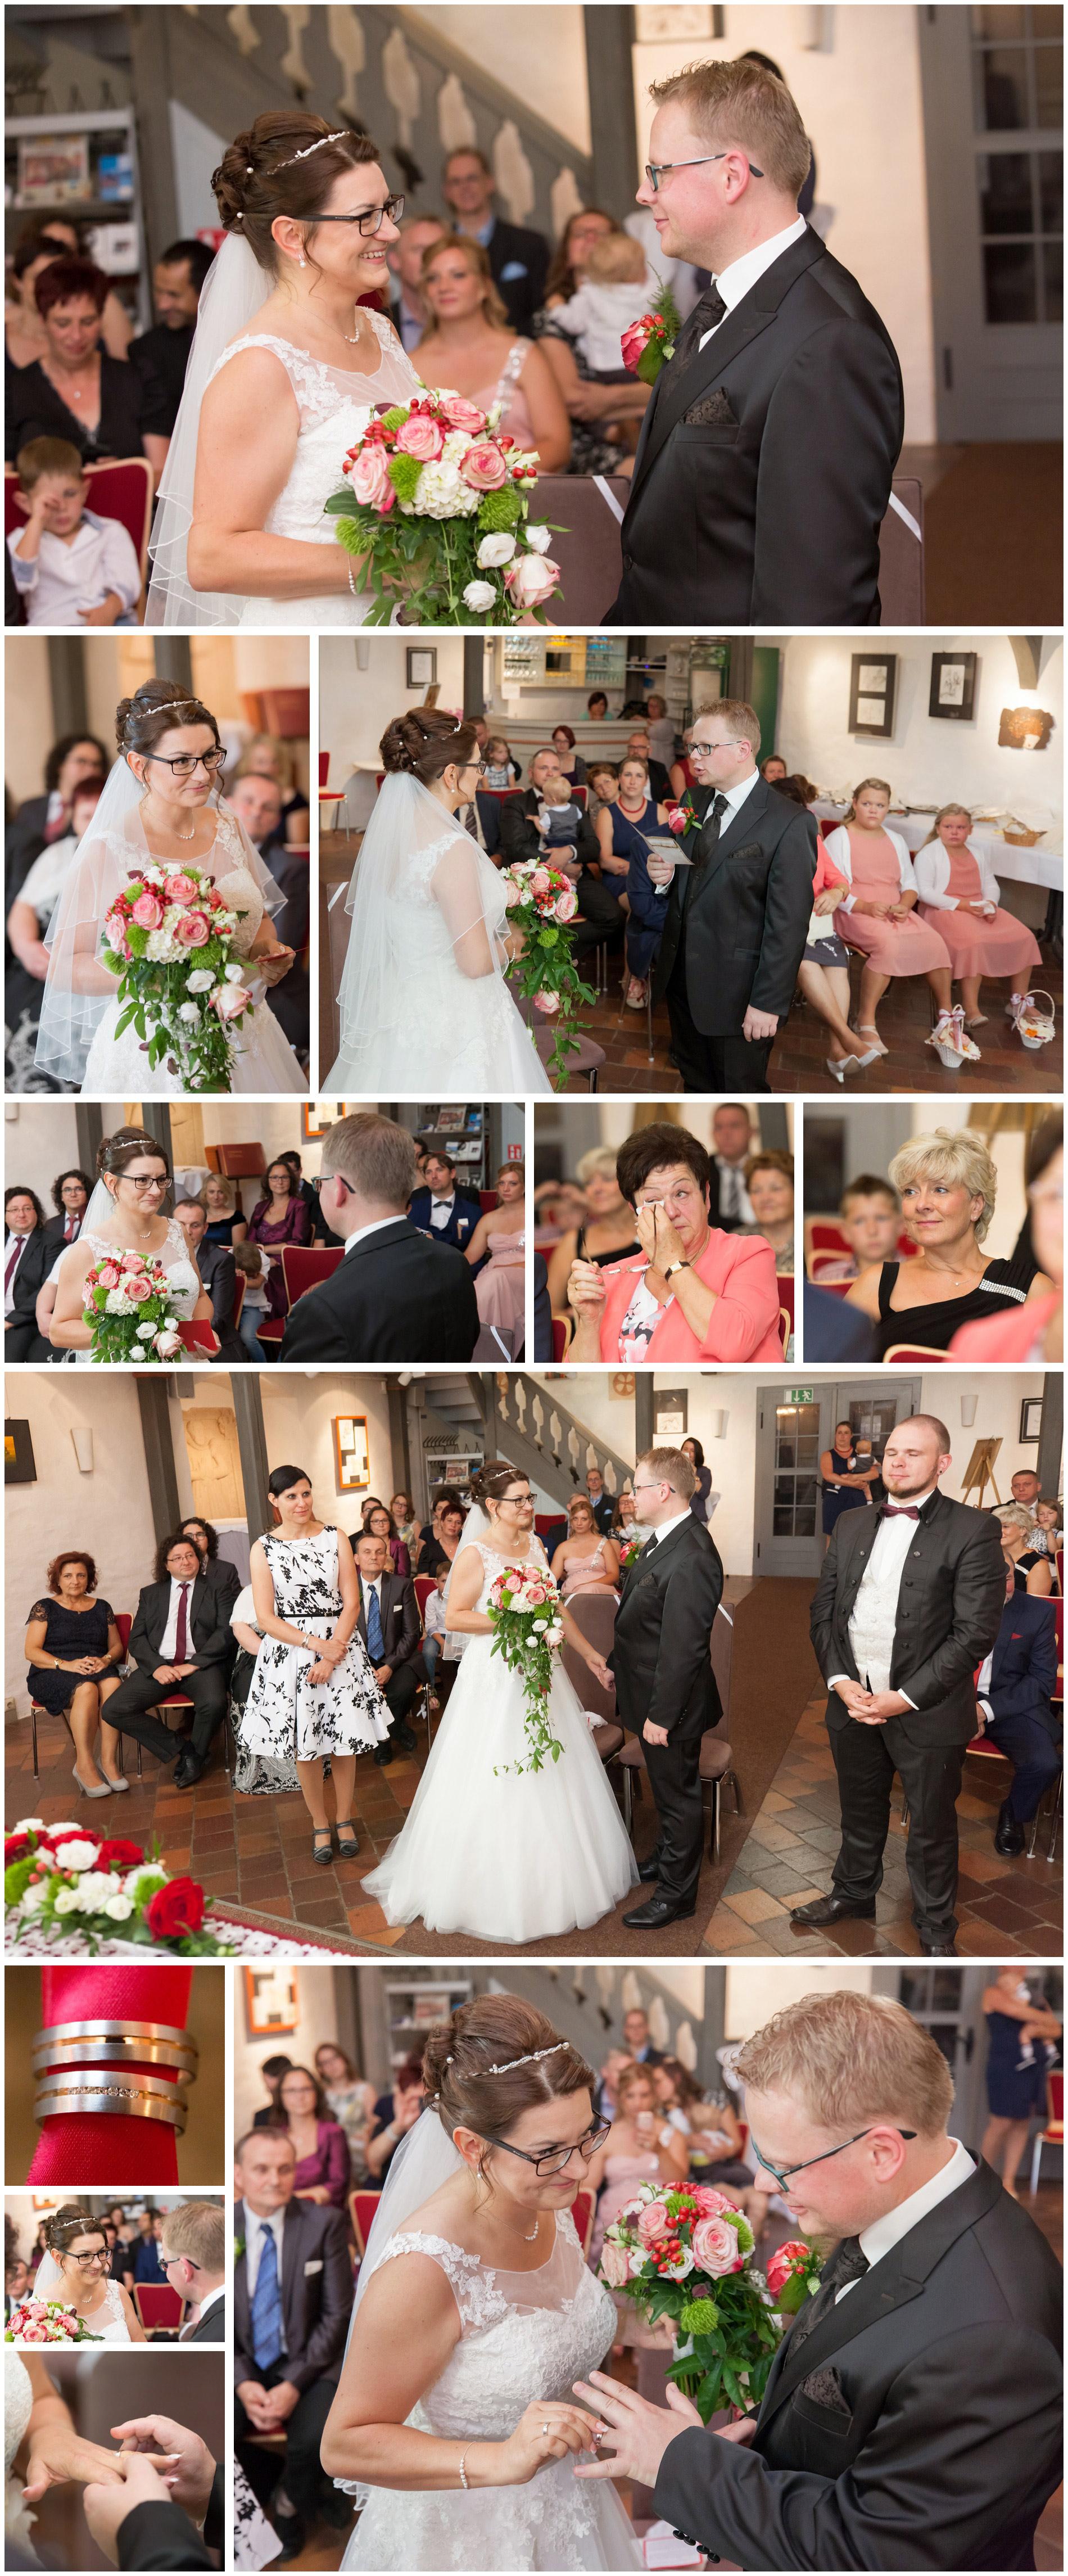 Hochzeitsfotograf Vogtland - Hochzeitsfotograf Stephanie Scharschmidt